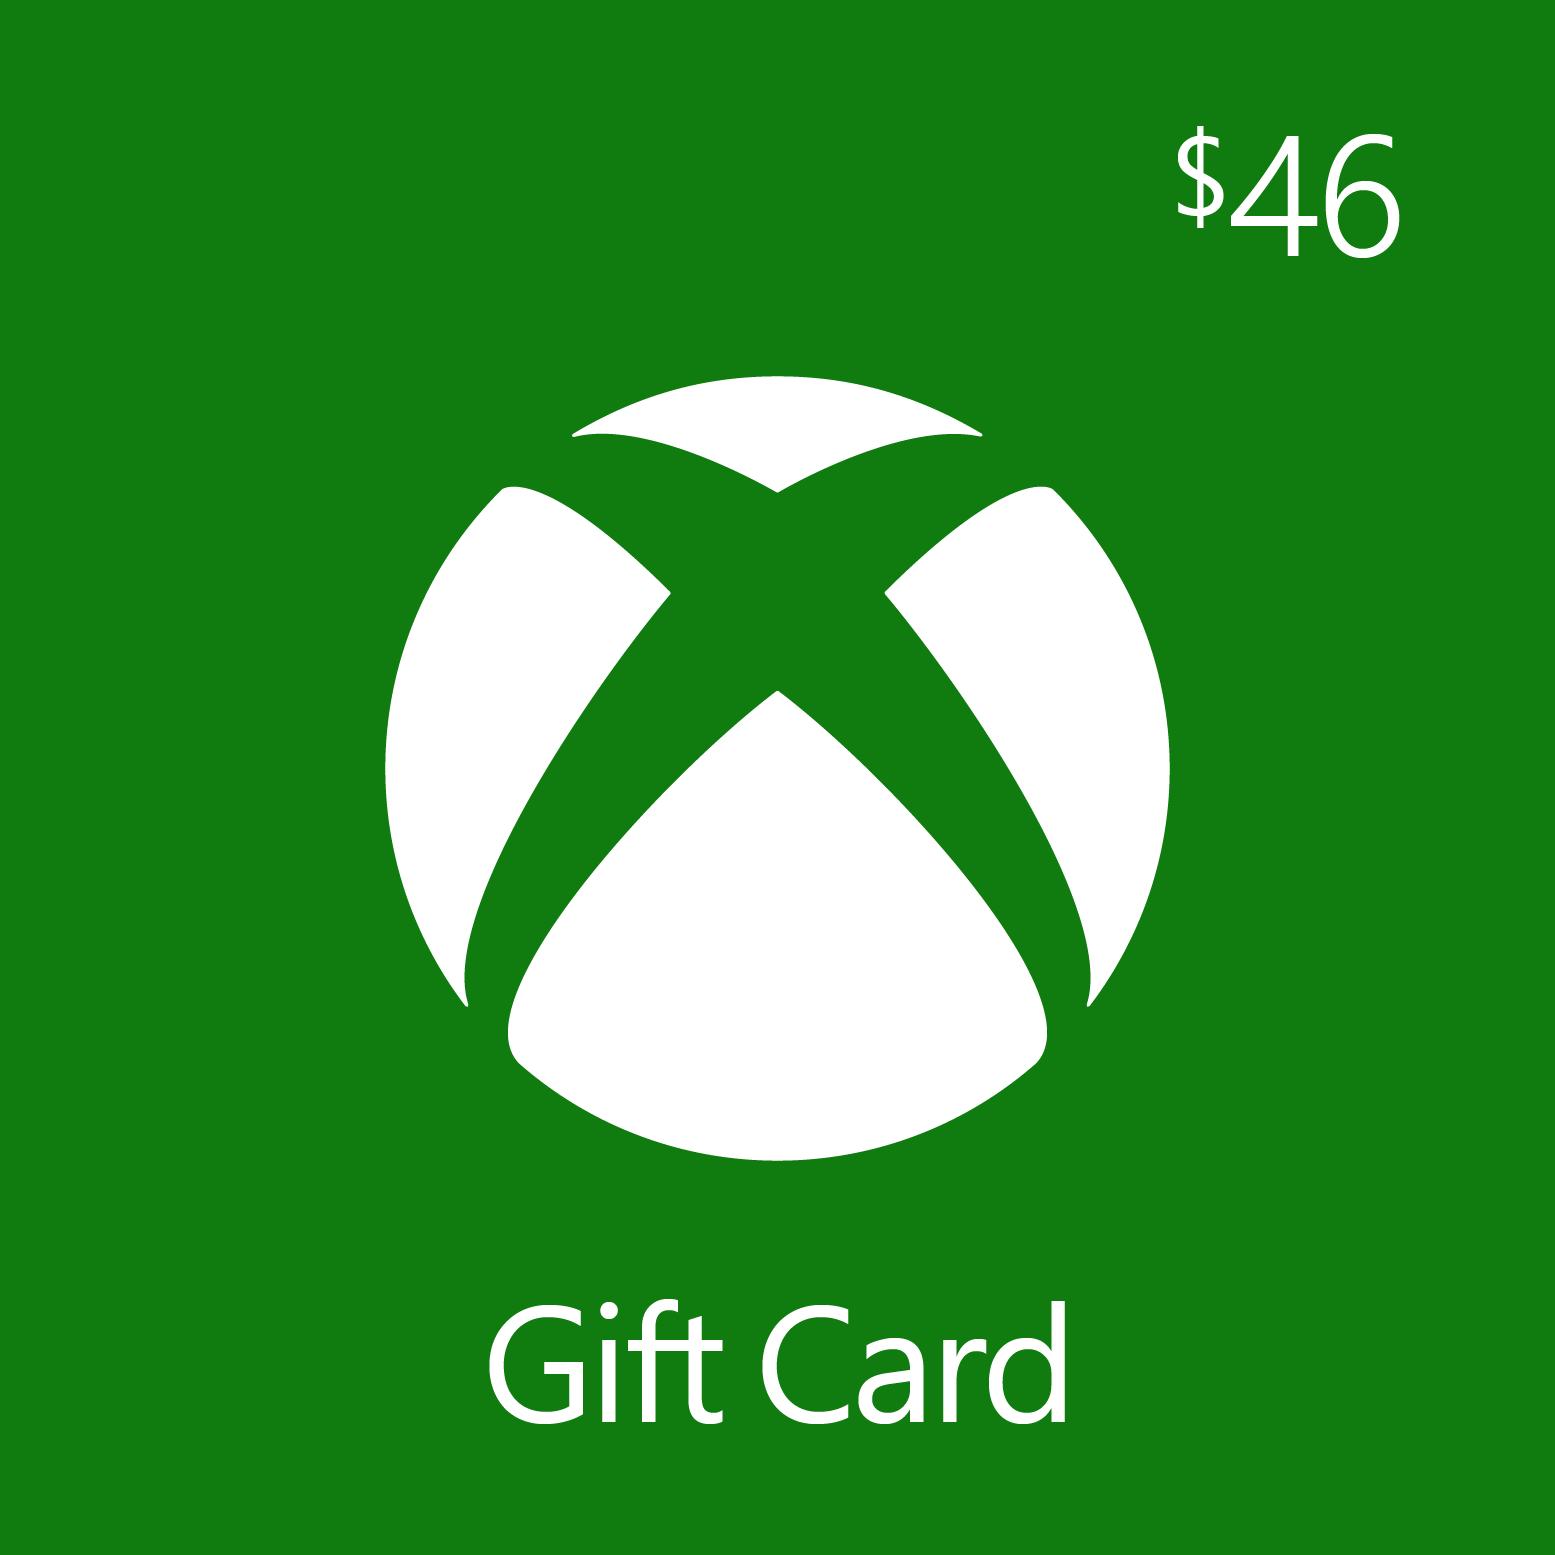 $46.00 Xbox Digital Gift Card